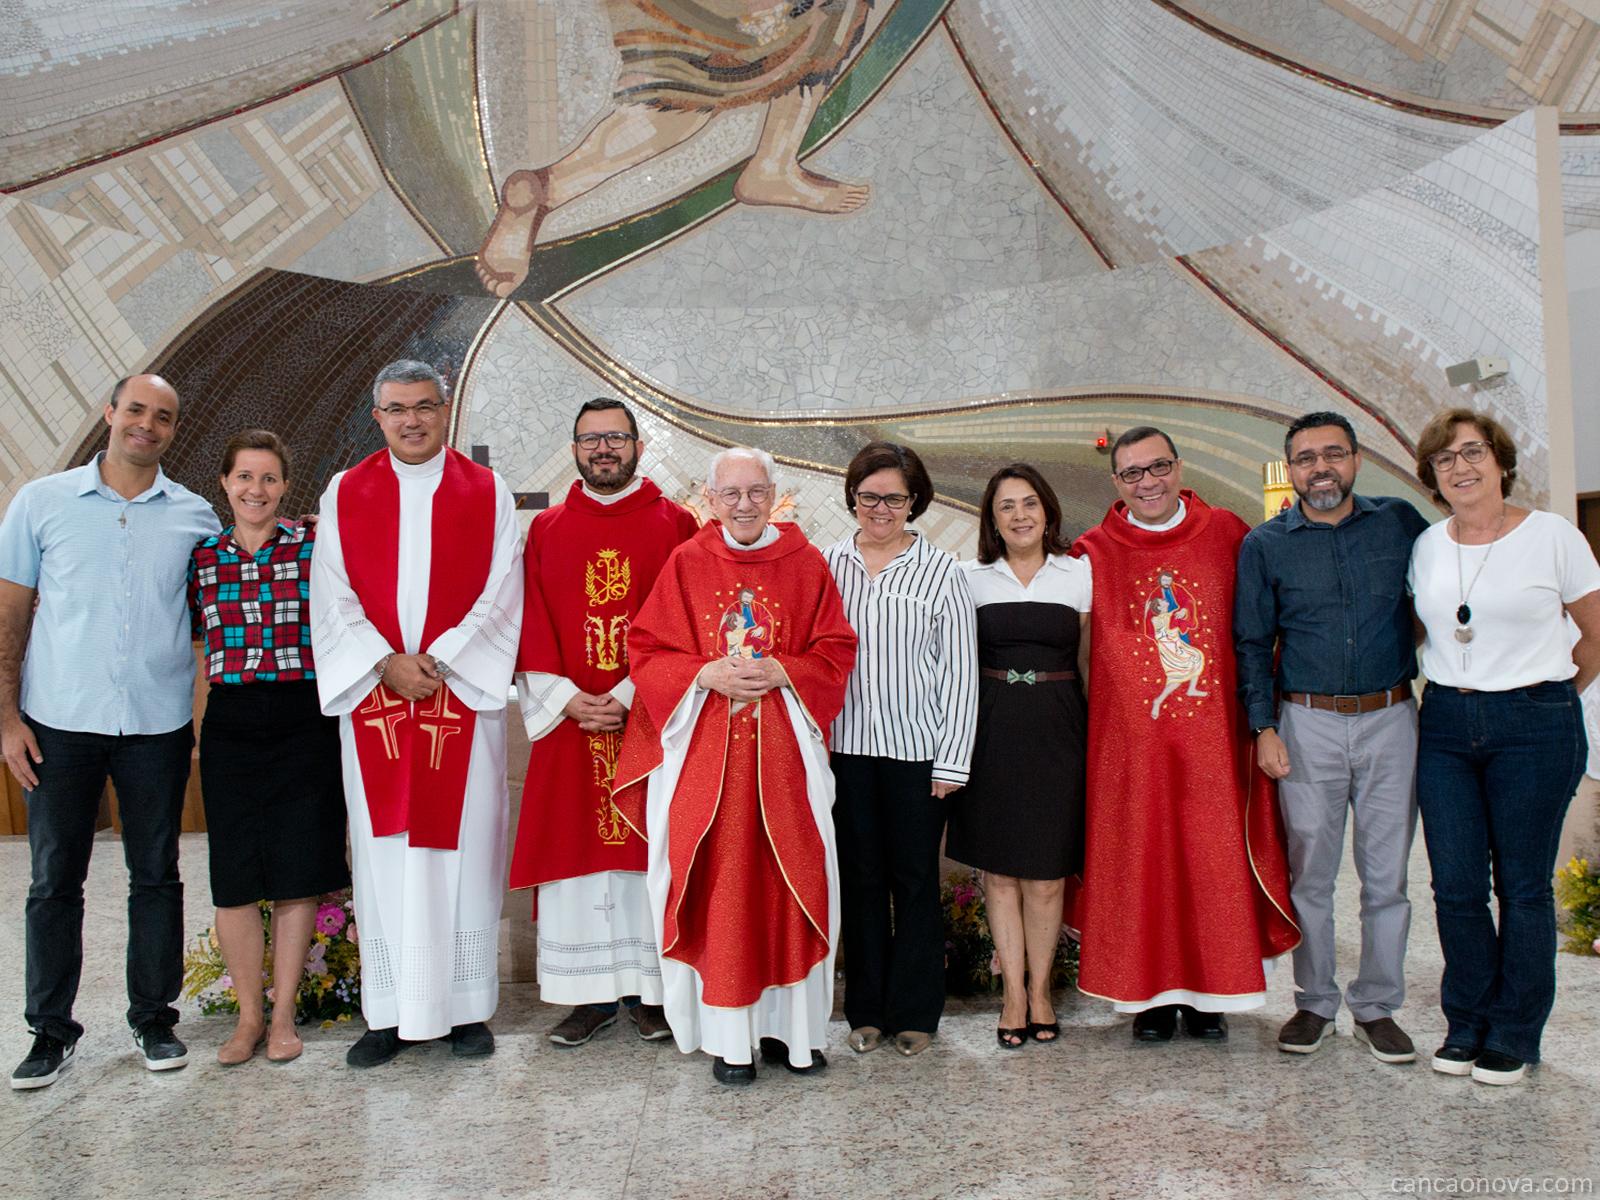 Conselho da Comunidade Canção Nova com a recém empossada Formadora Geral, Vera Lúcia Reis.